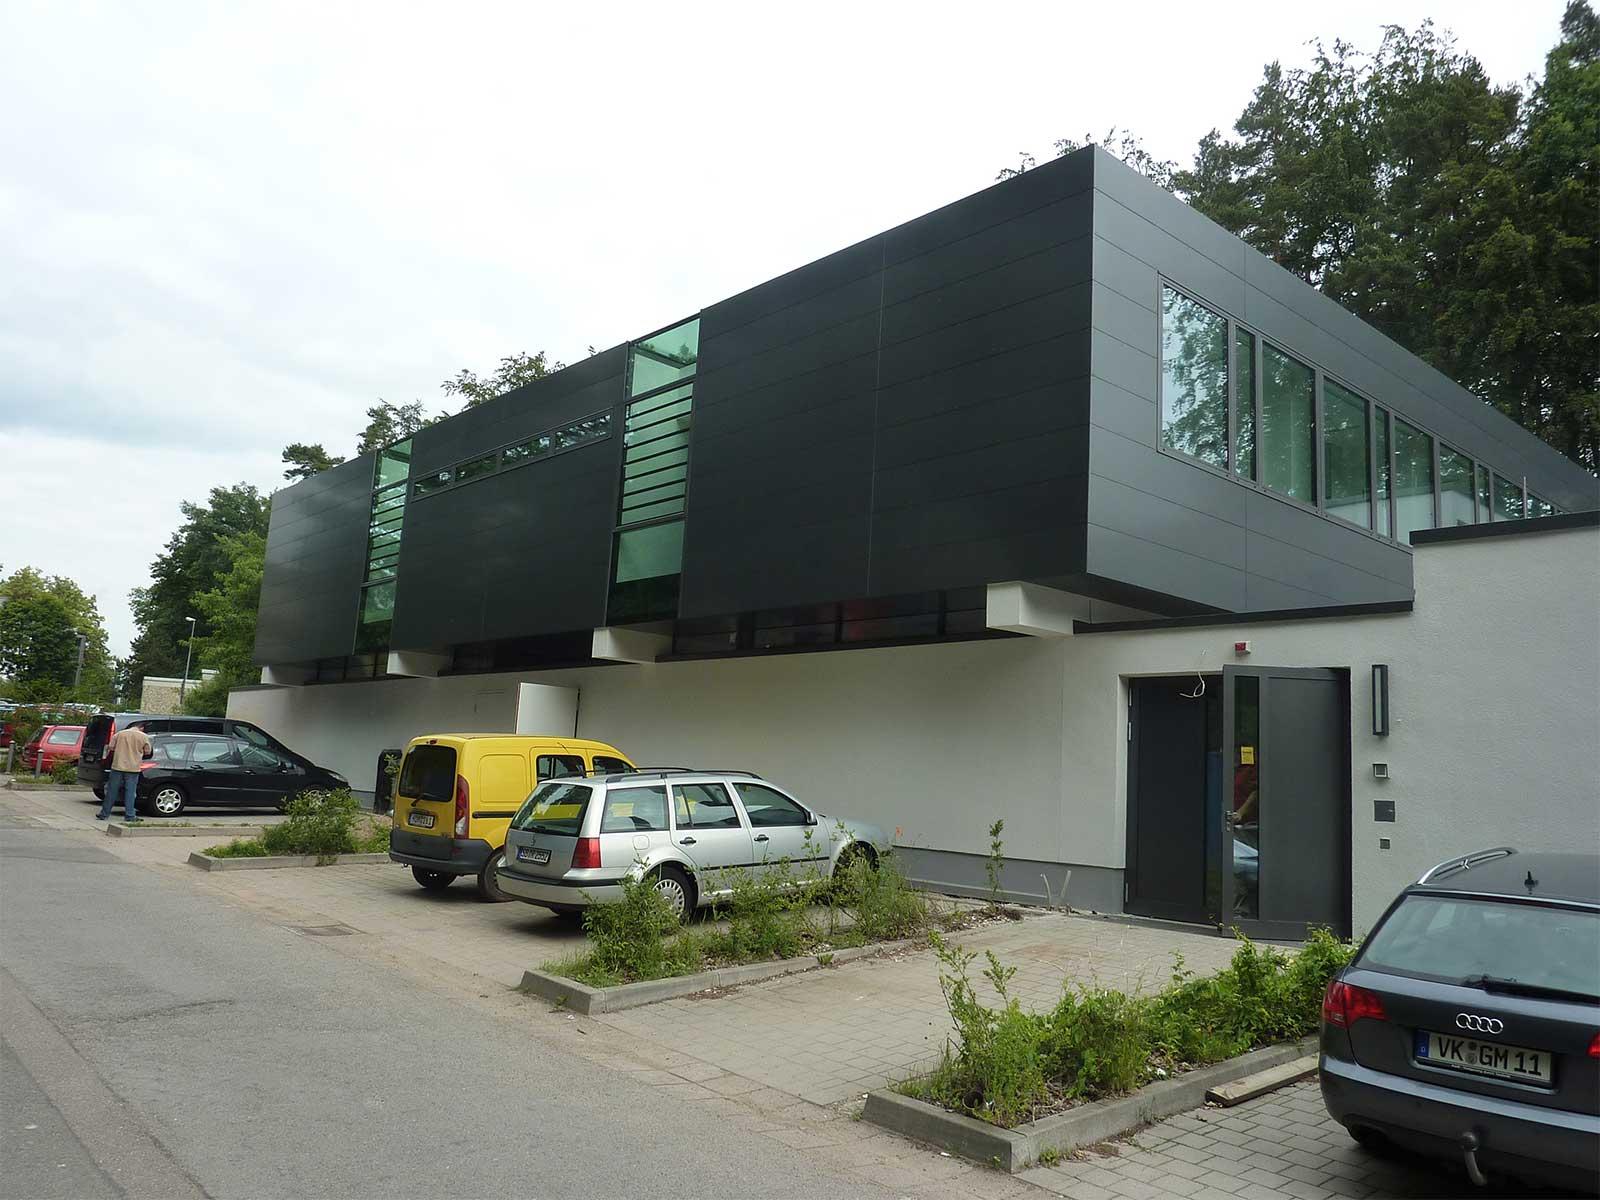 Uni Klinik – Homburg